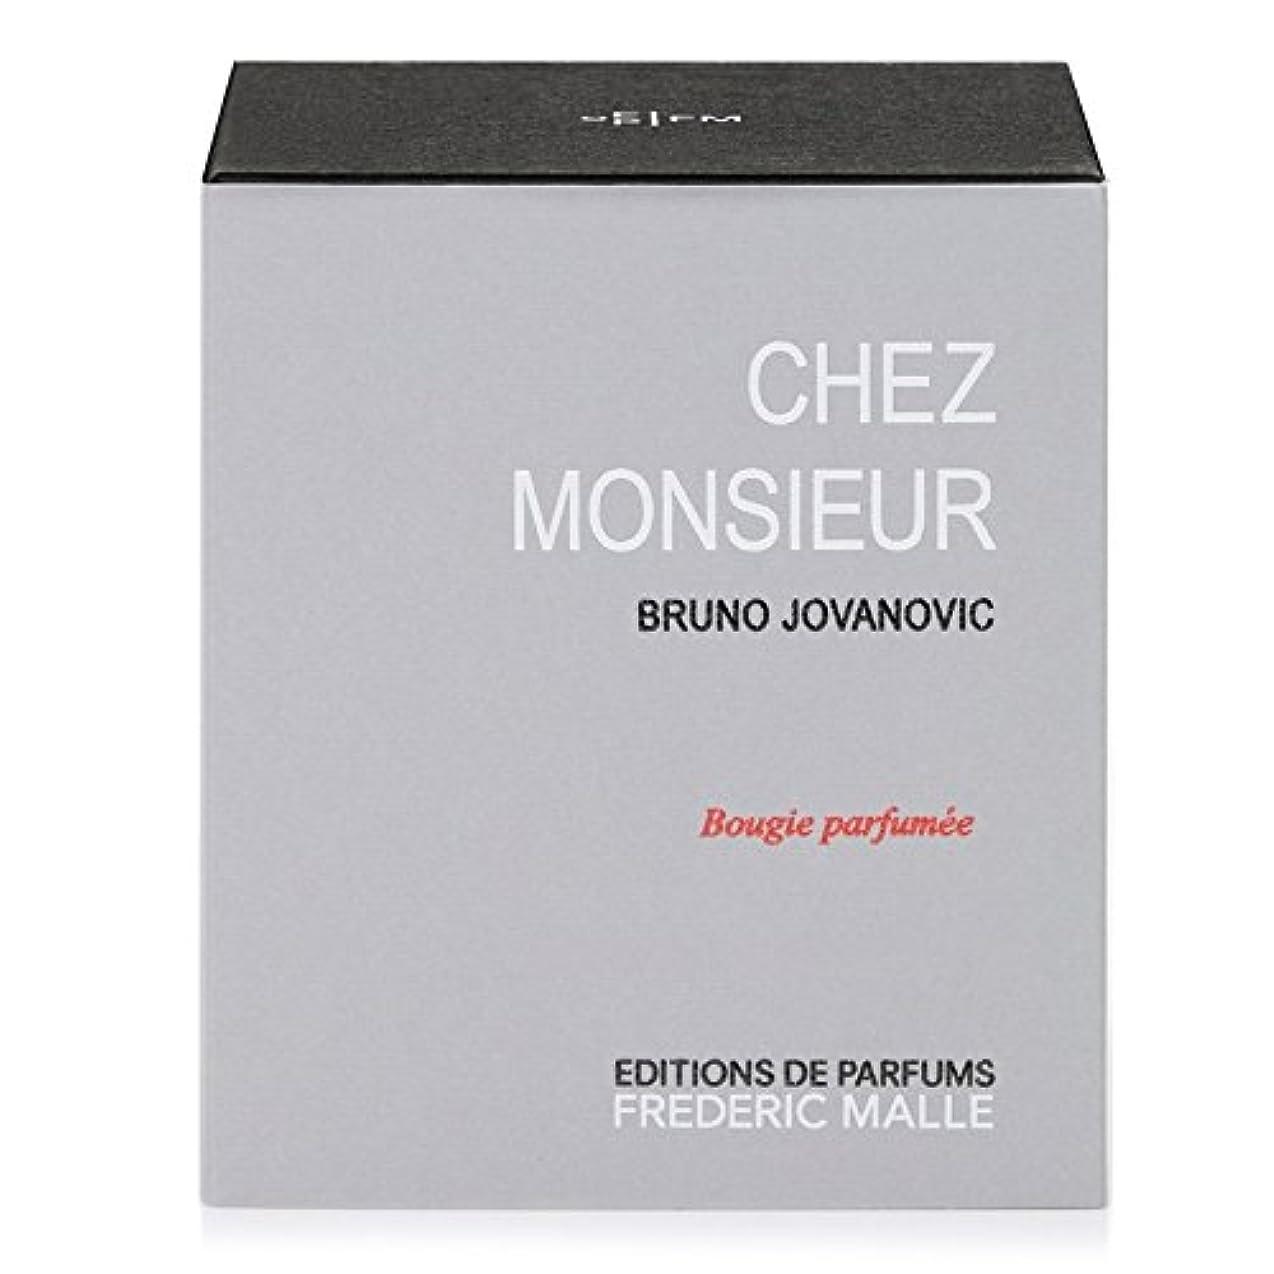 衝動人に関する限り想定するFrederic Malle Chez Monsieur Scented Candle 220g (Pack of 4) - フレデリック?マルシェムッシュ香りのキャンドル220グラム x4 [並行輸入品]